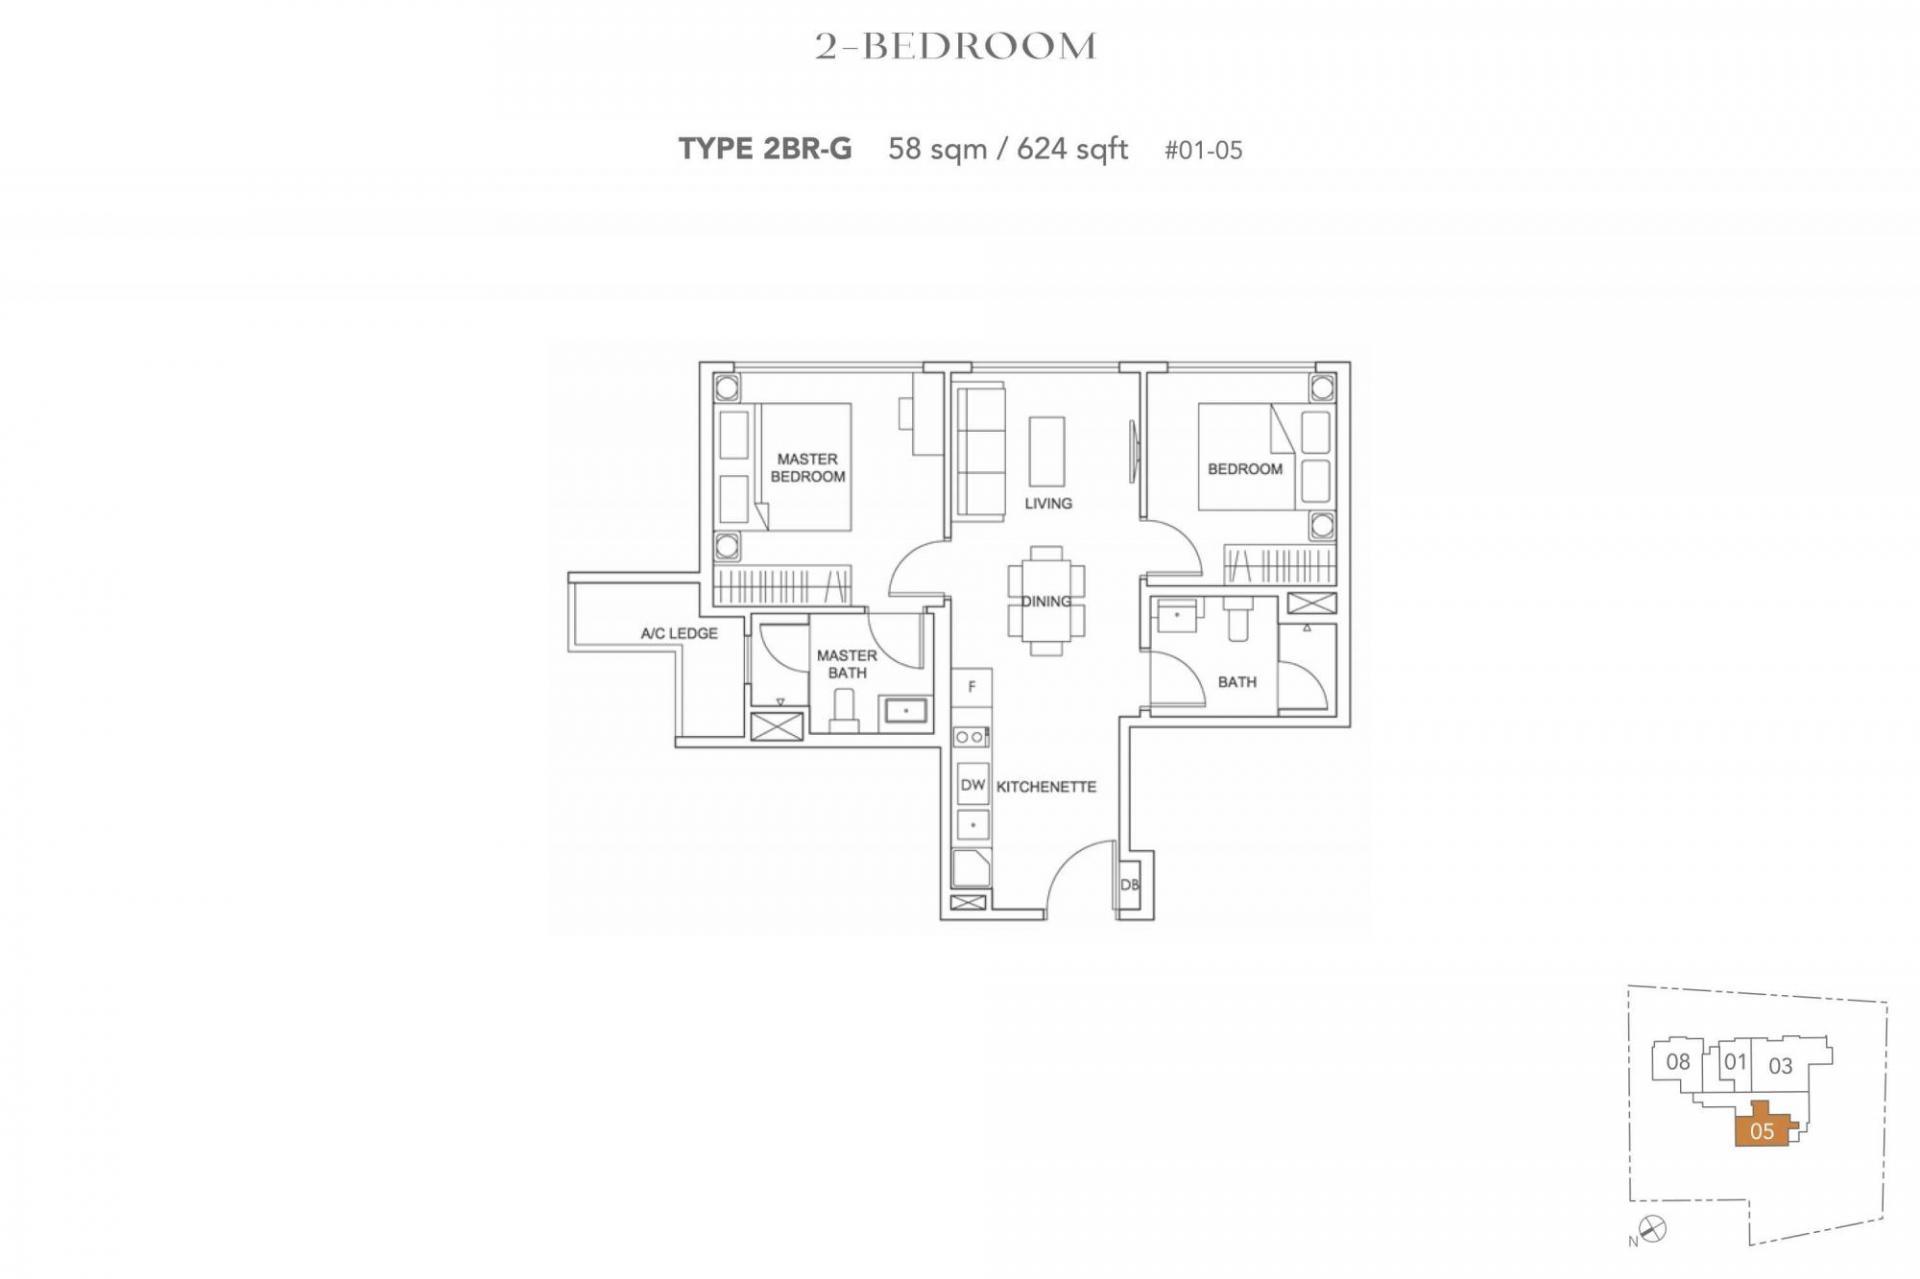 jervois-treasures-floor-plan-2-b